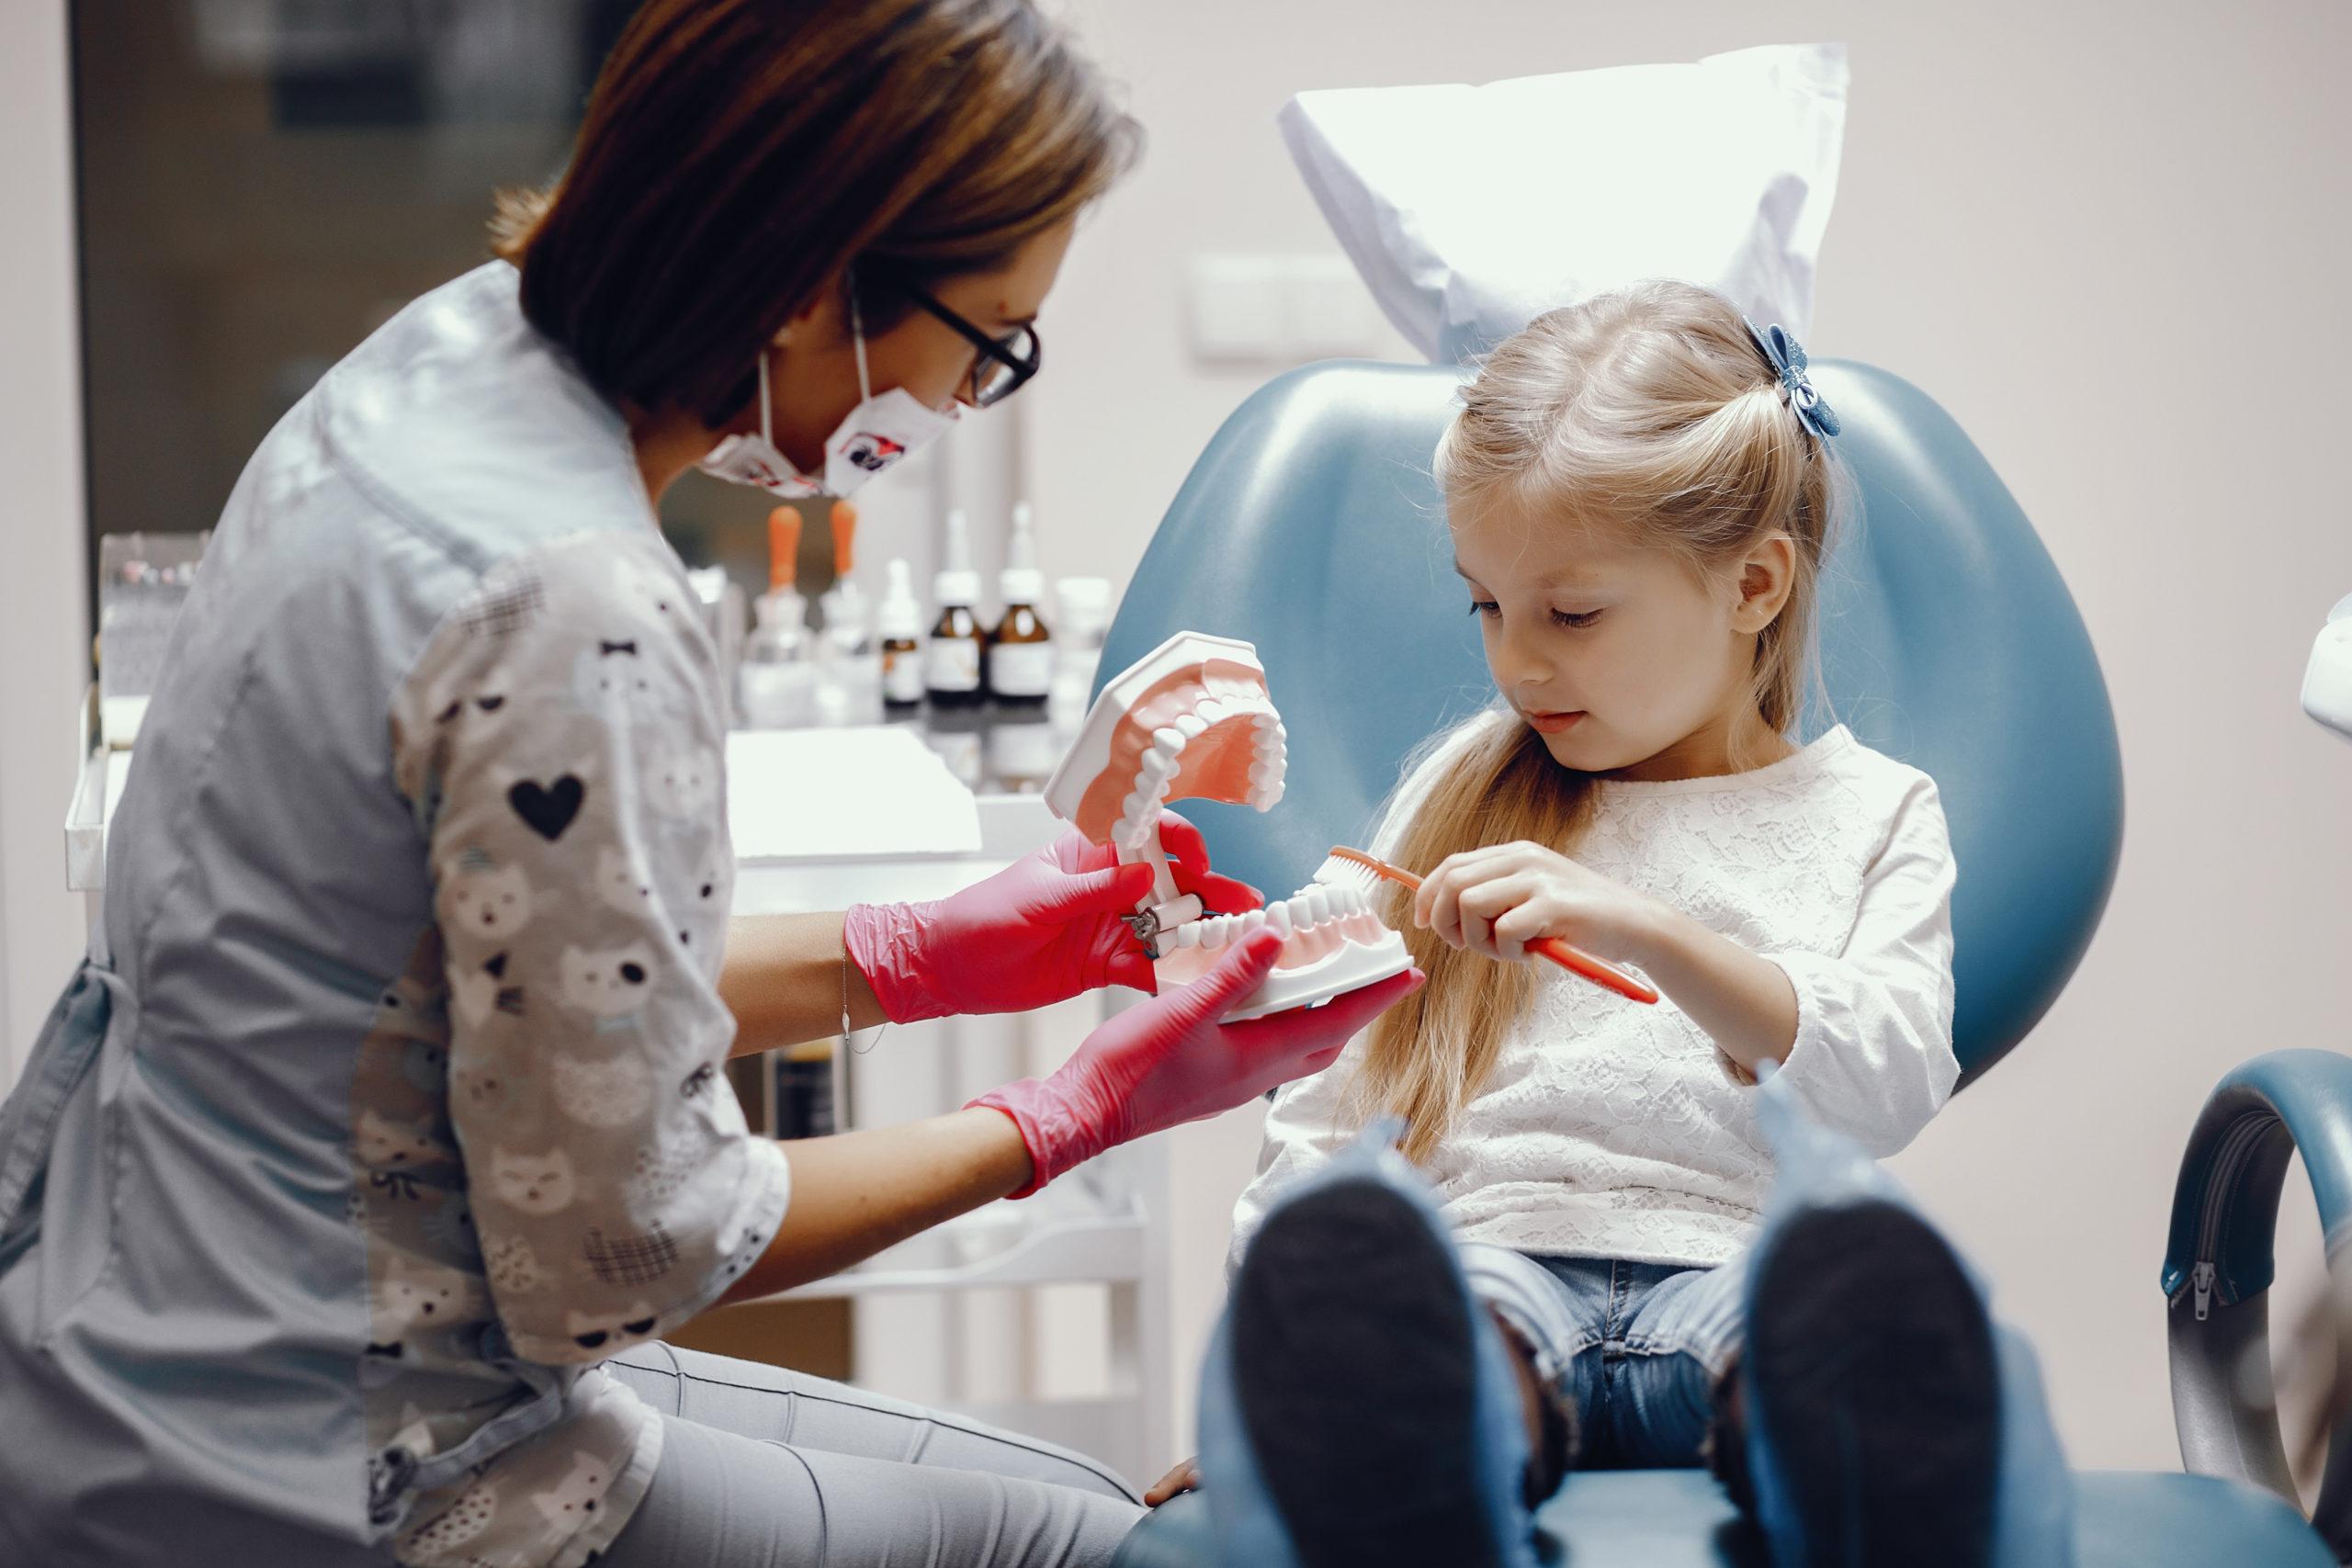 Πρώτη φορά στον οδοντίατρο με το παιδί μας – Thisisus.gr